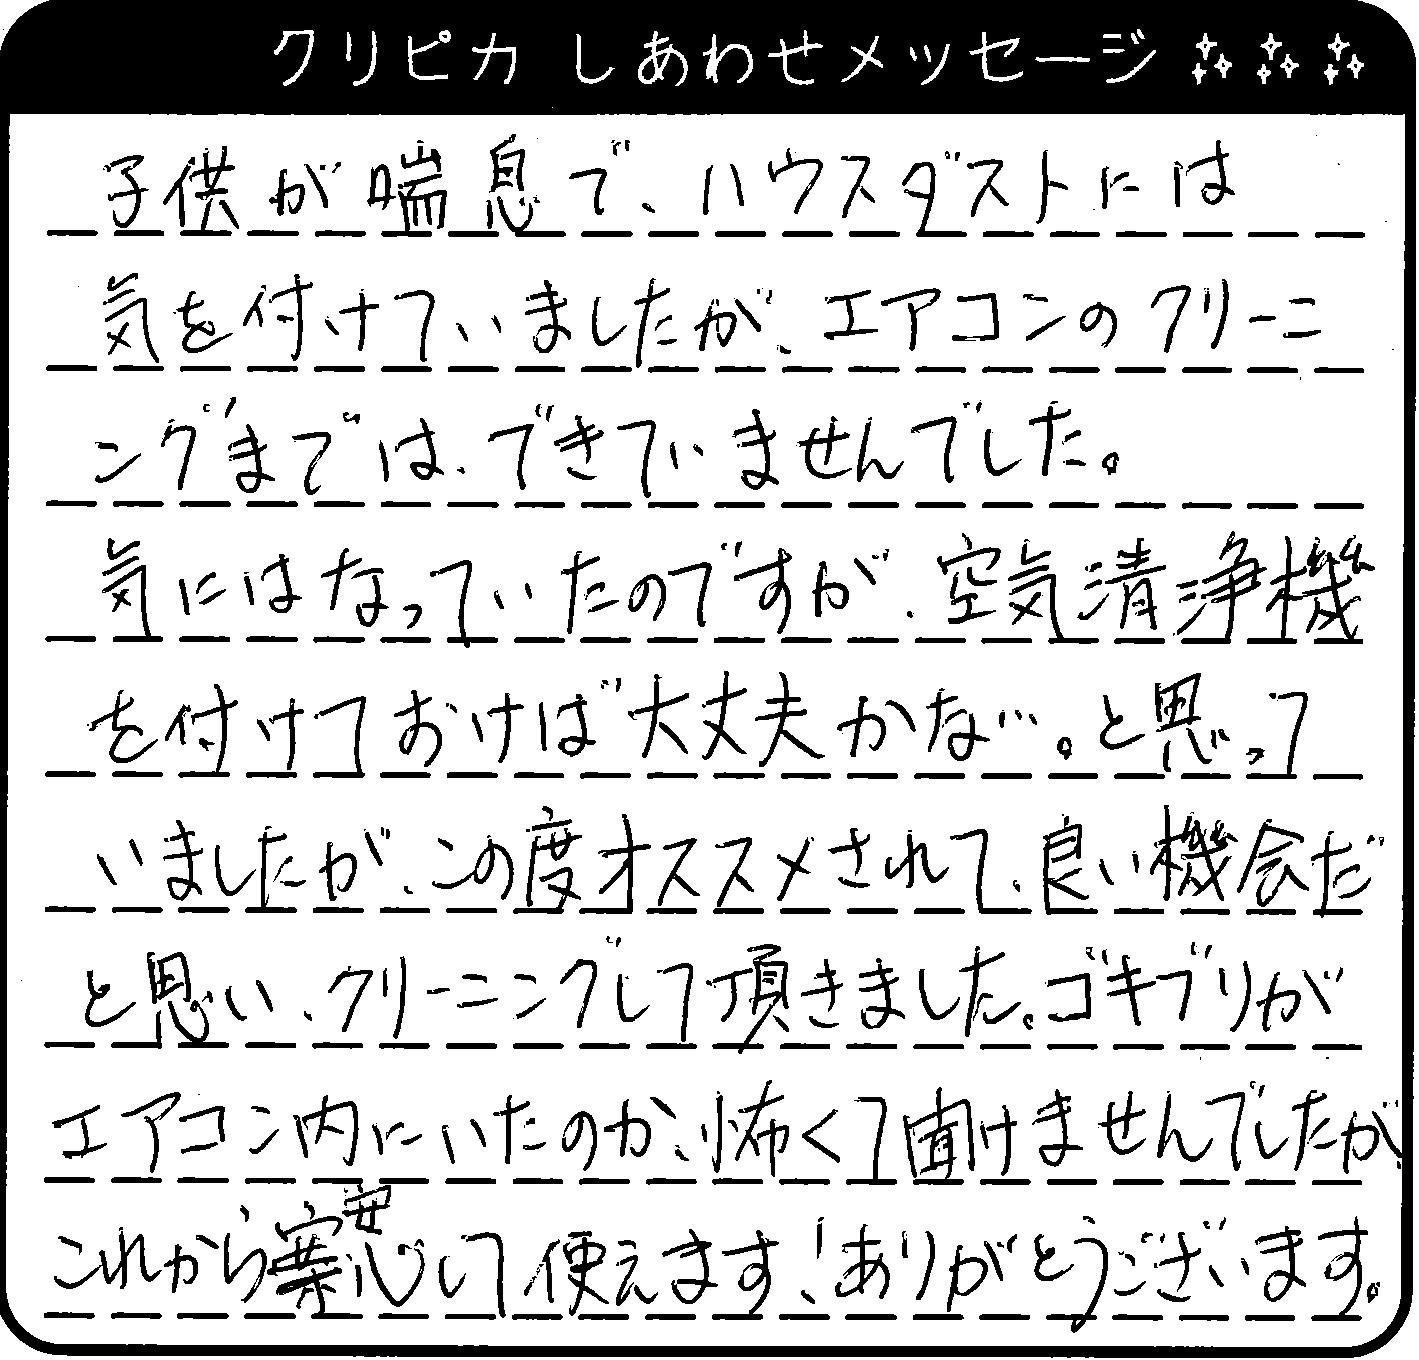 高知県 I様からのしあわせメッセージ